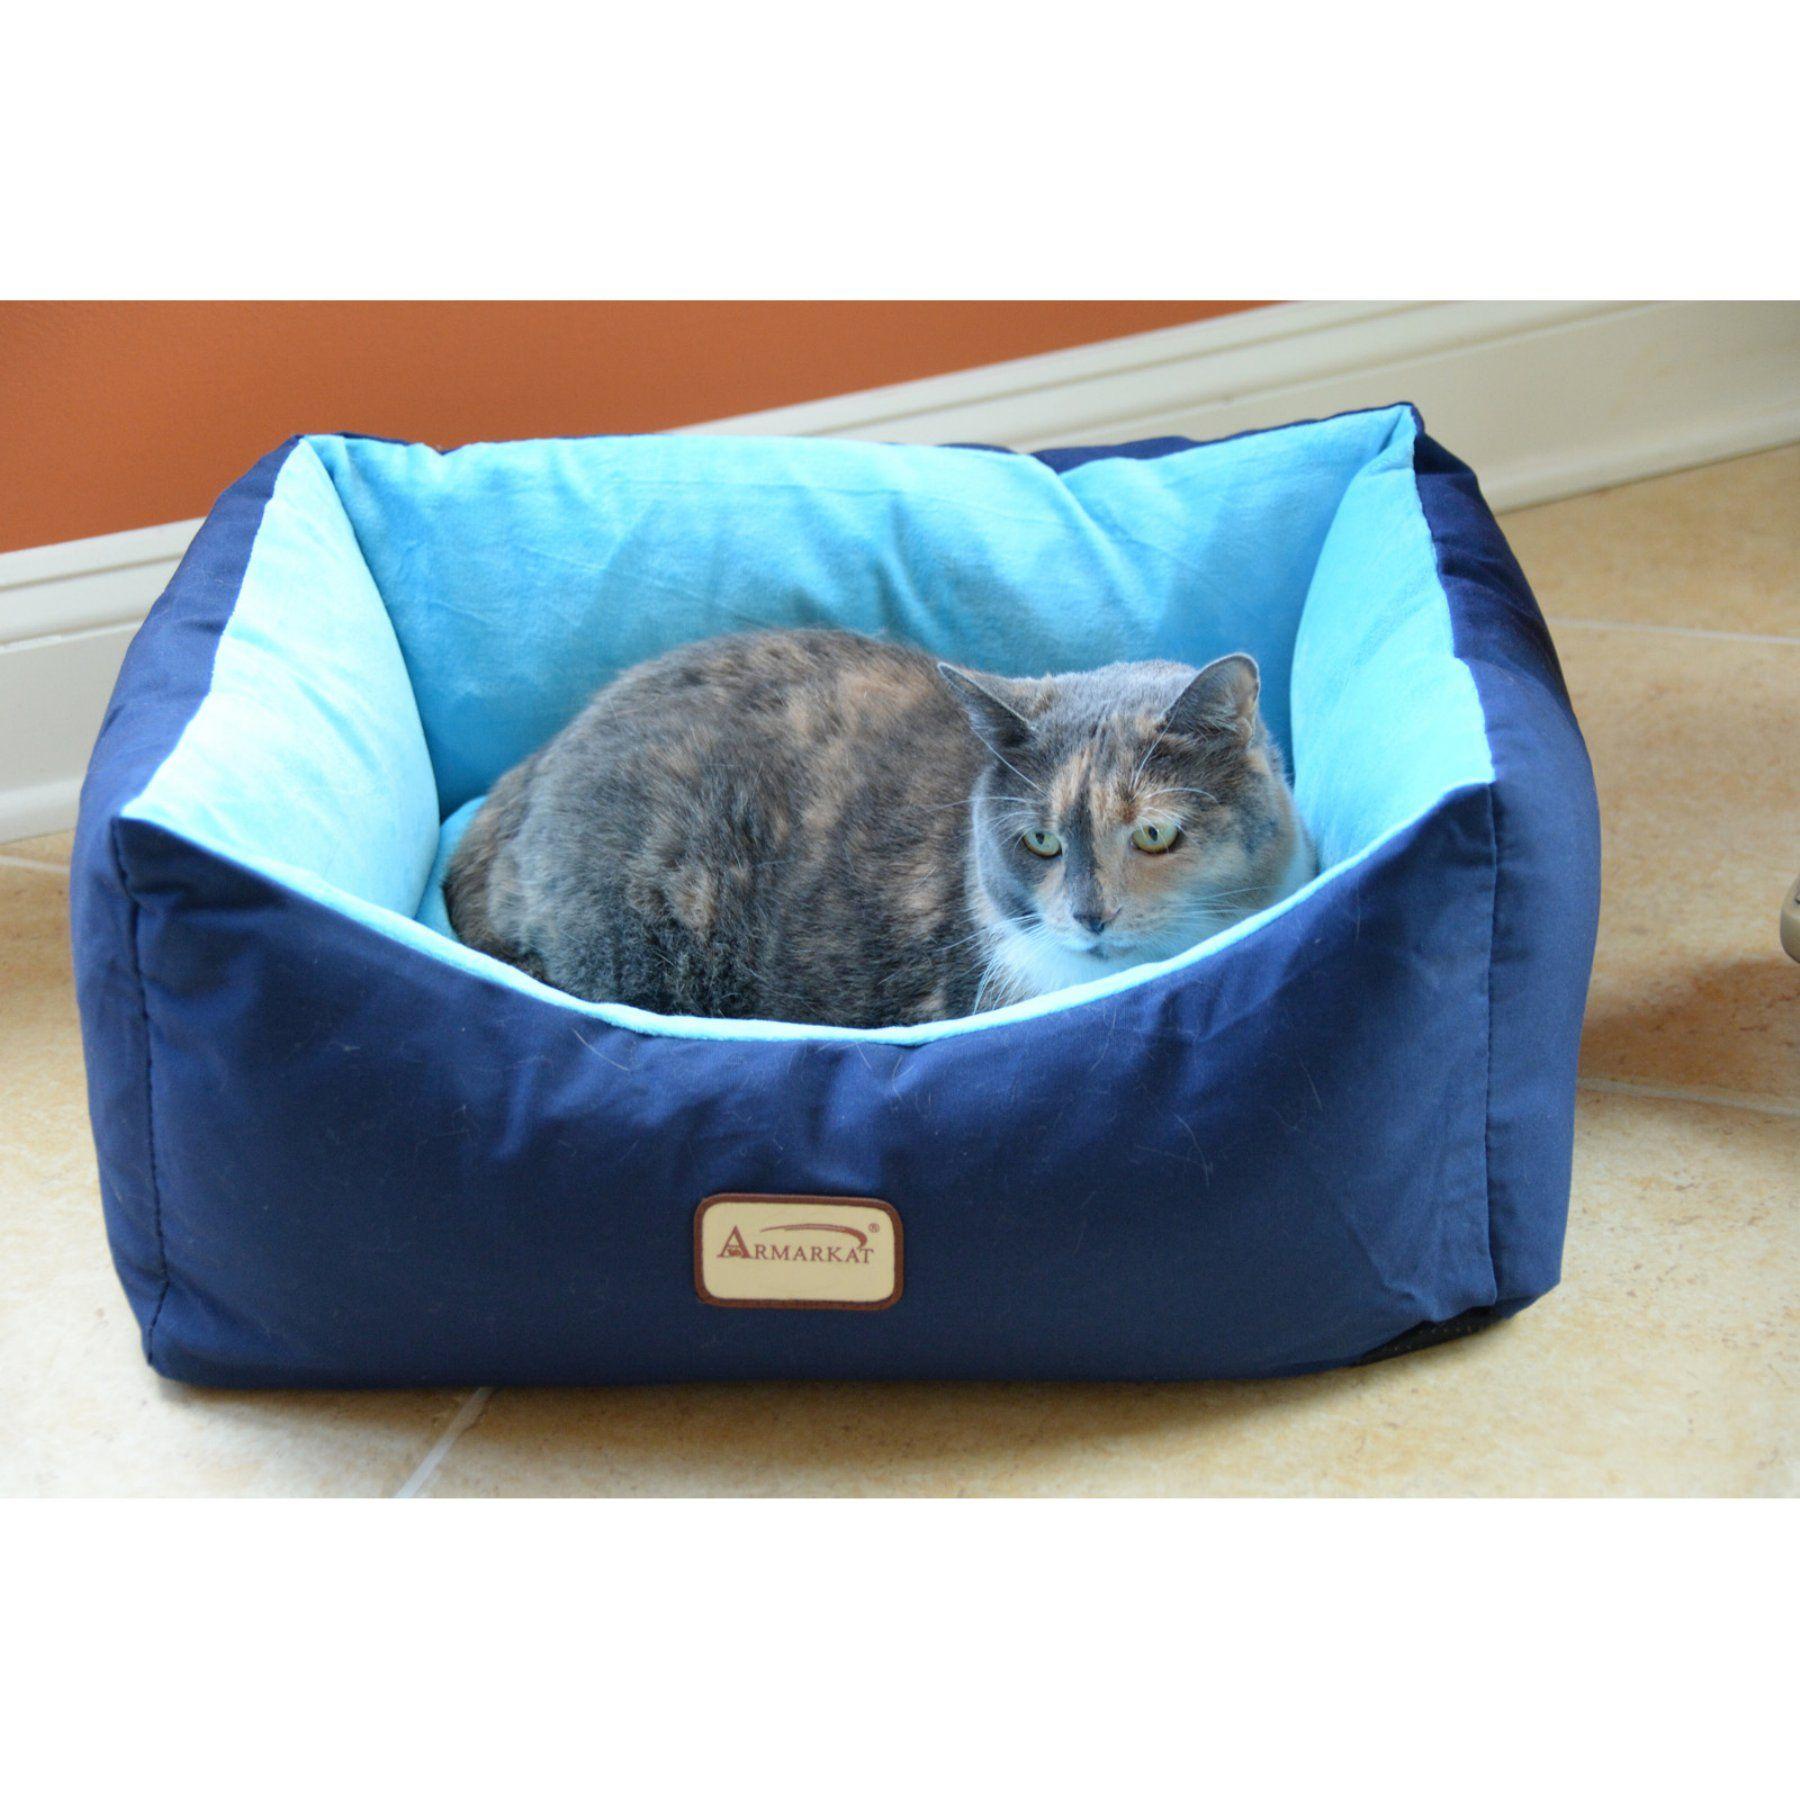 Armarkat Cat Dog Pet Bed in Burgundy - C09HSL/TL